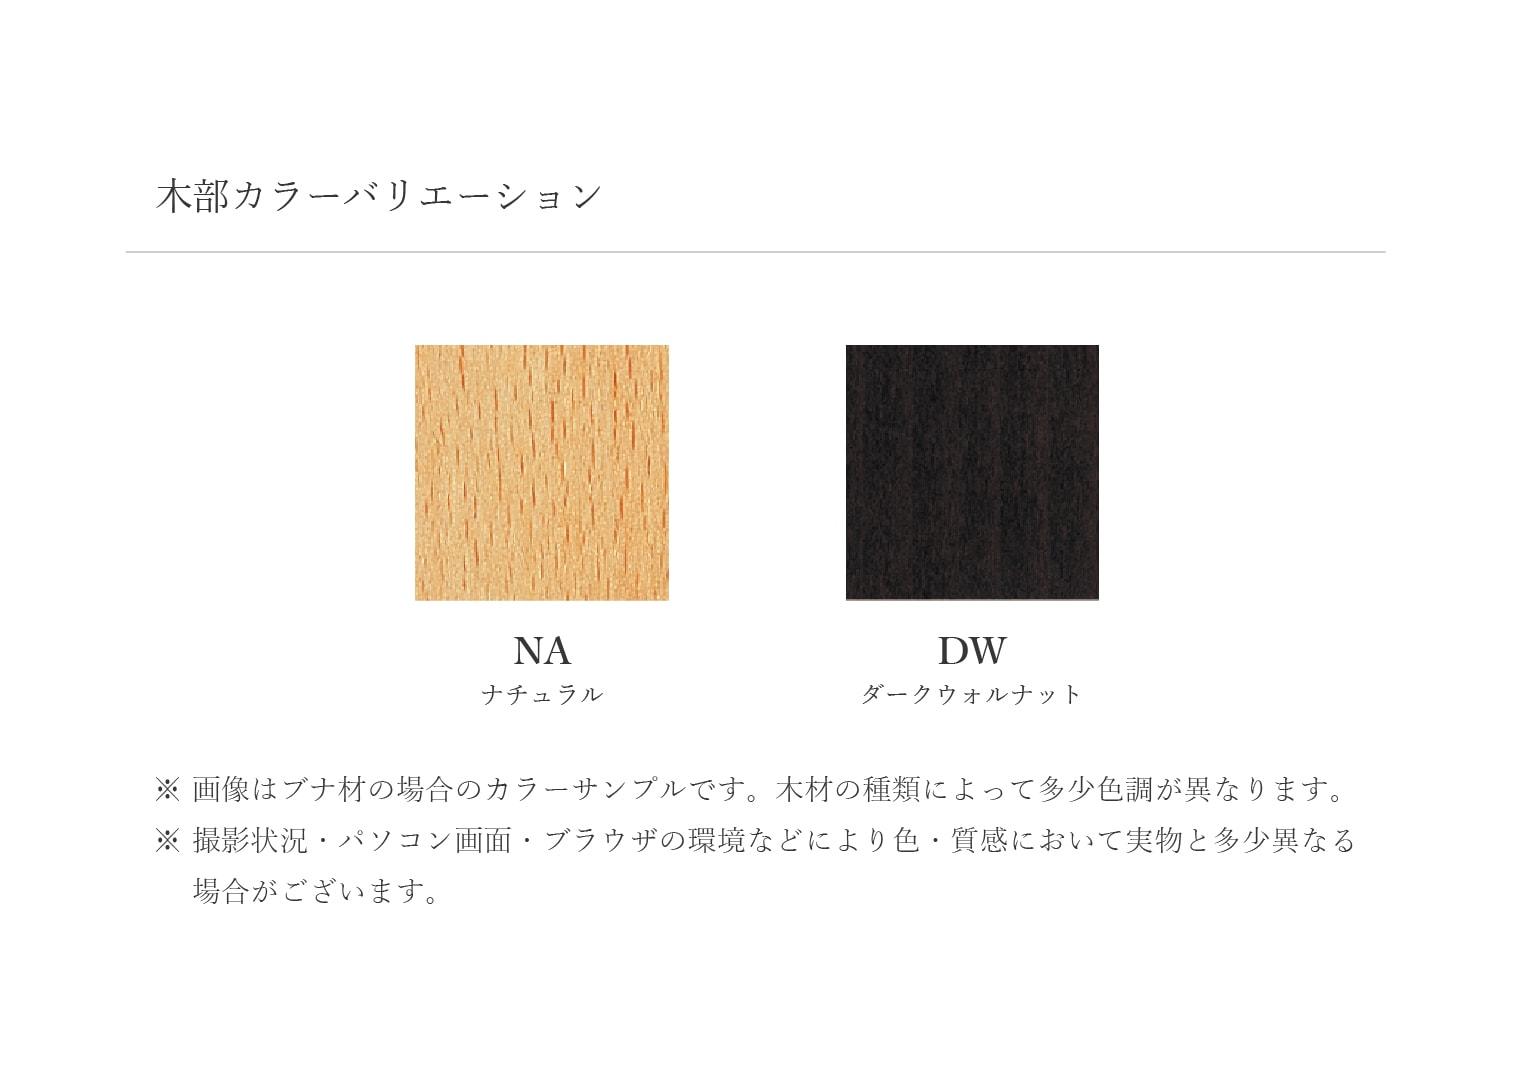 TORWE 木部カラー